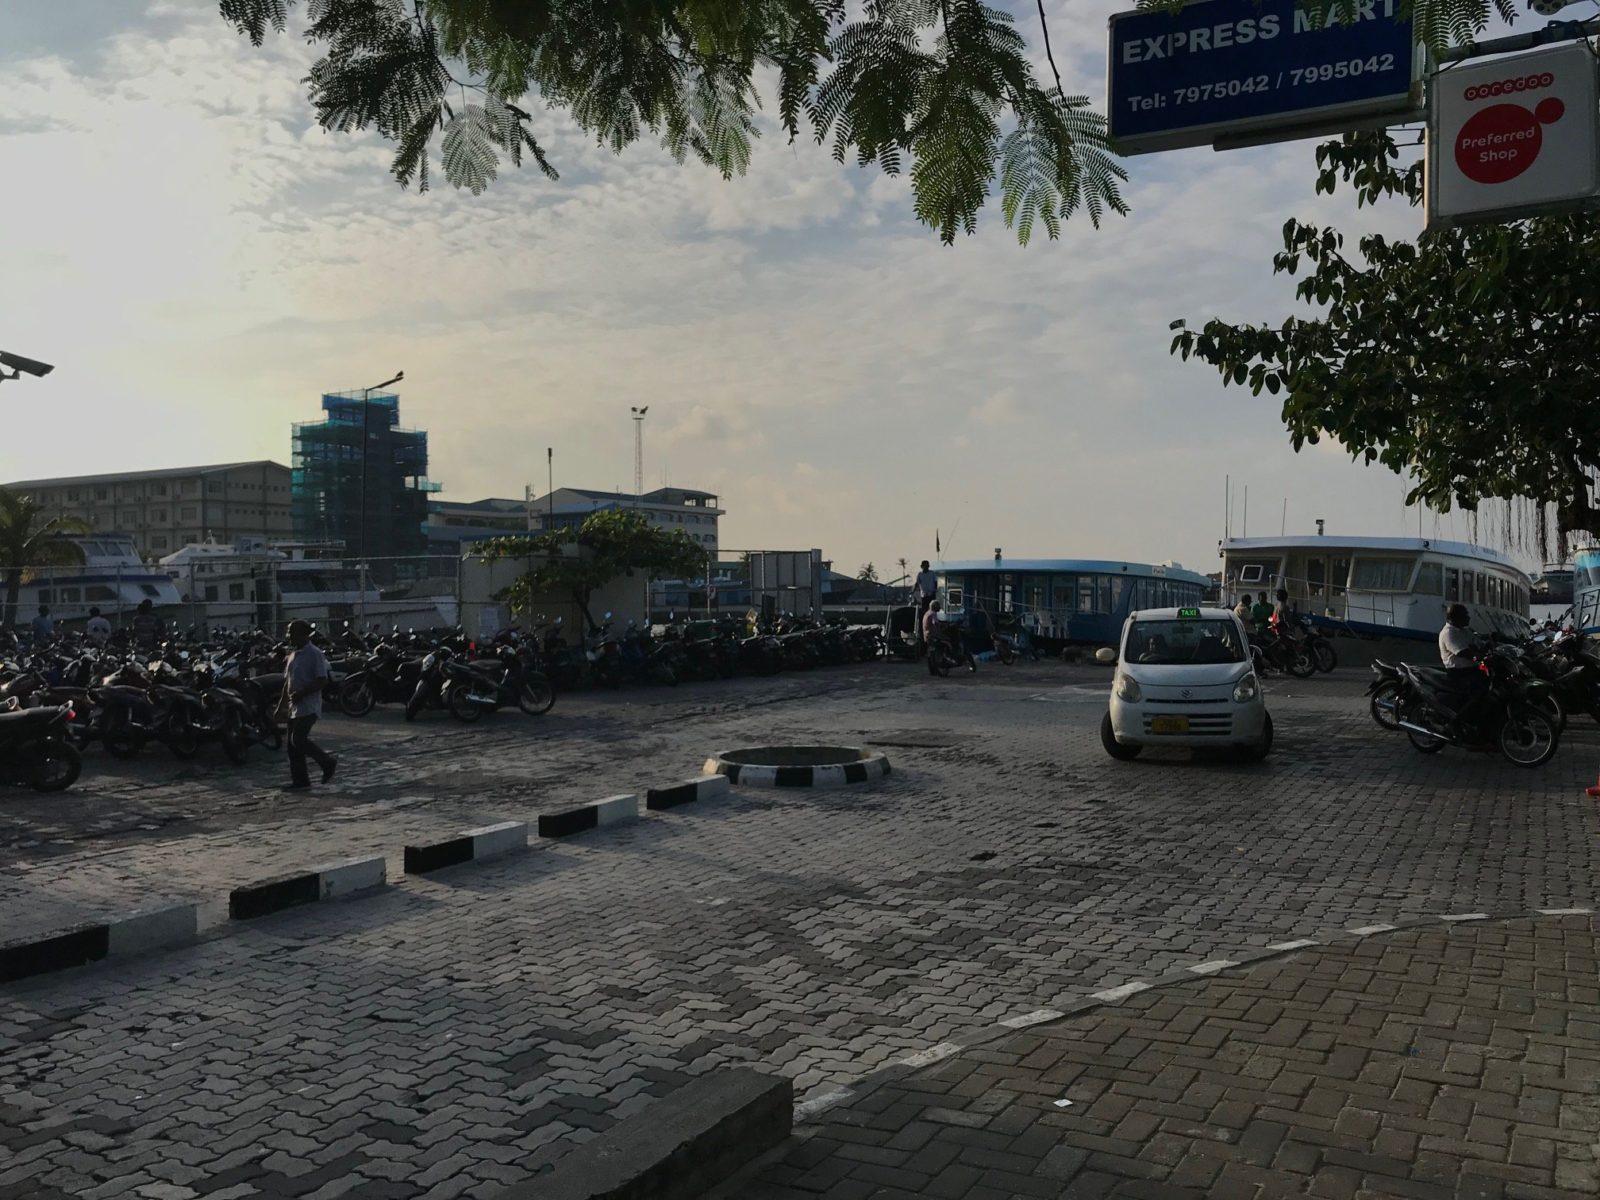 паромный терминал в Мале, Мальдивы